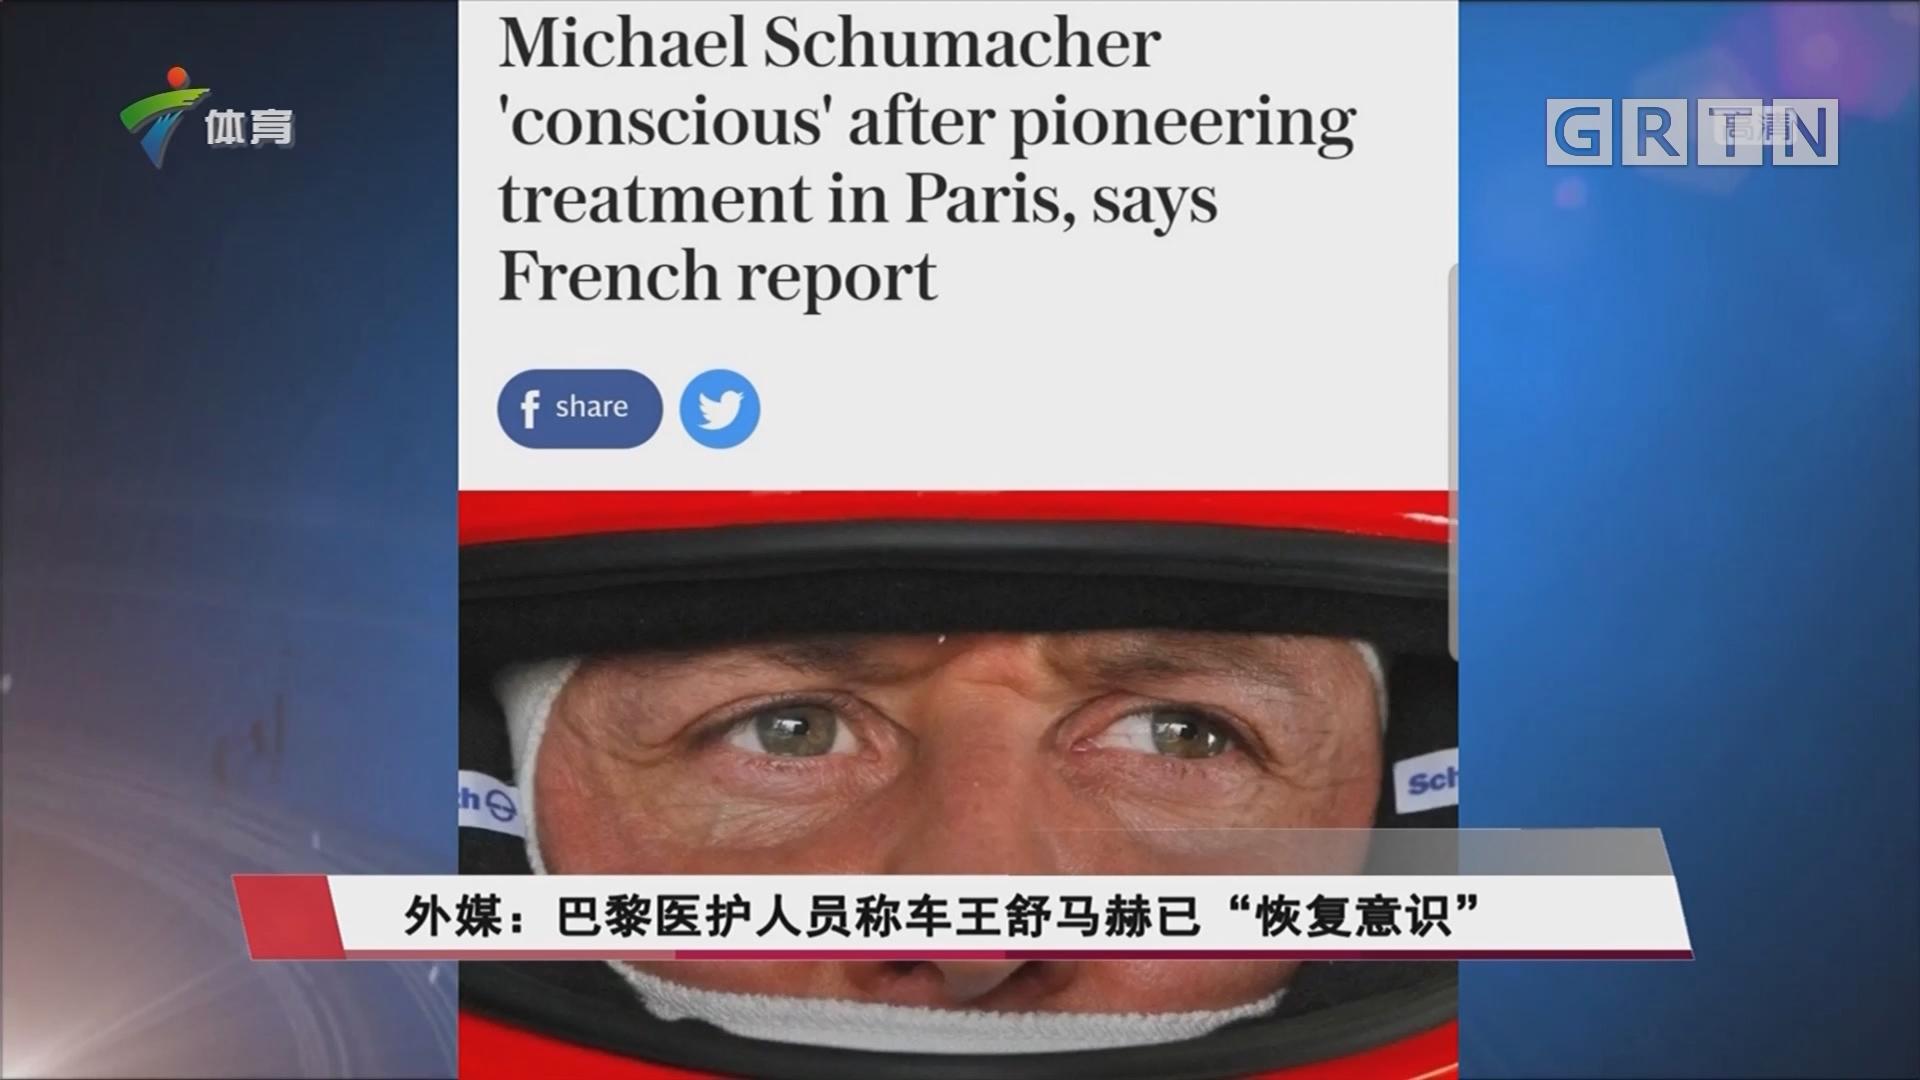 """外媒:巴黎医护人员称车王舒马赫已""""恢复意识"""""""